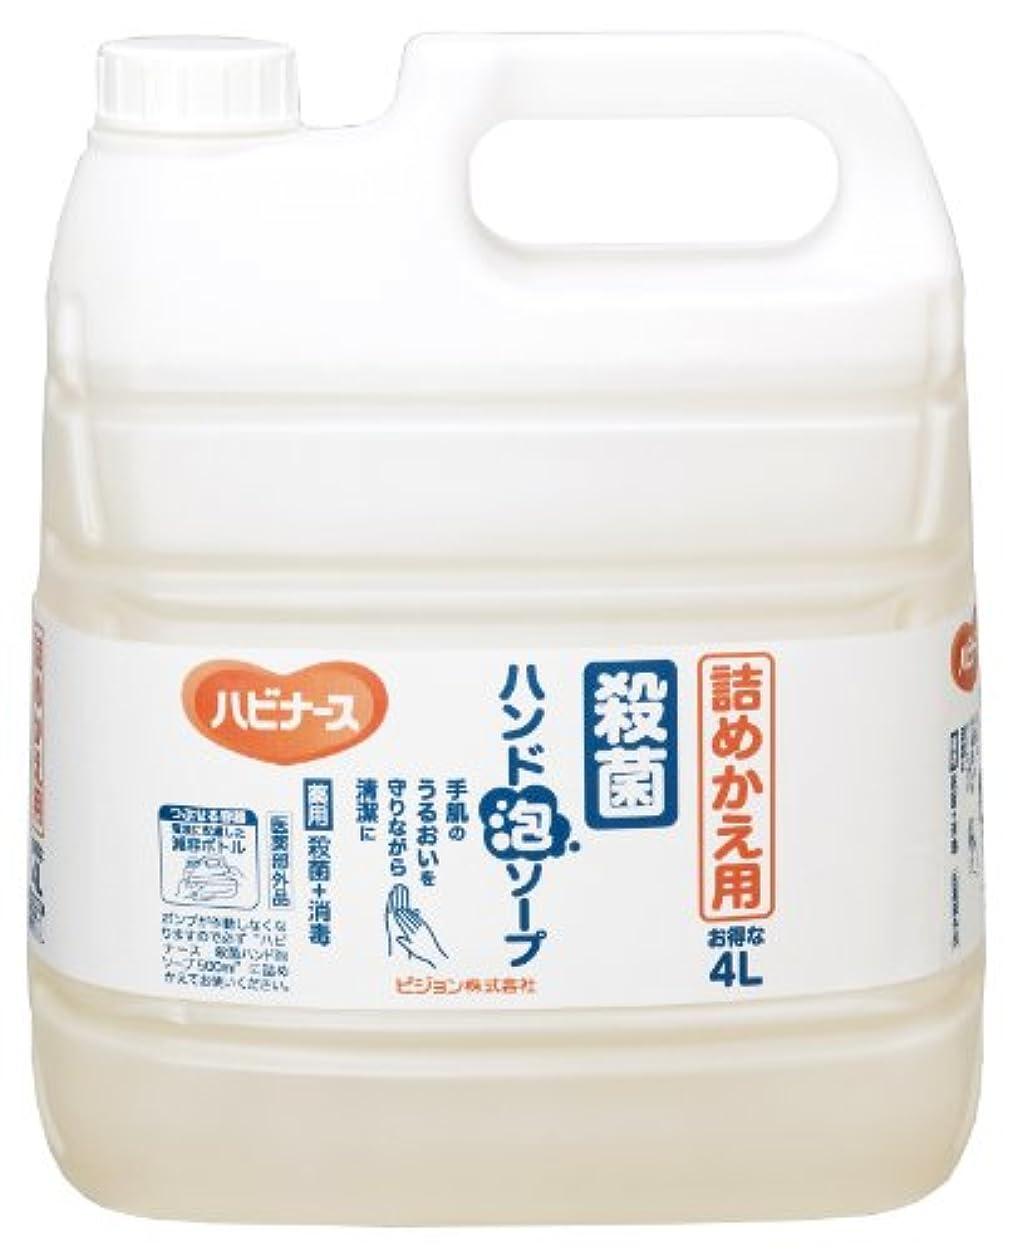 潜水艦思春期おとなしいハビナース 殺菌ハンド泡ソープ(詰替 11902(4L) ピジョン